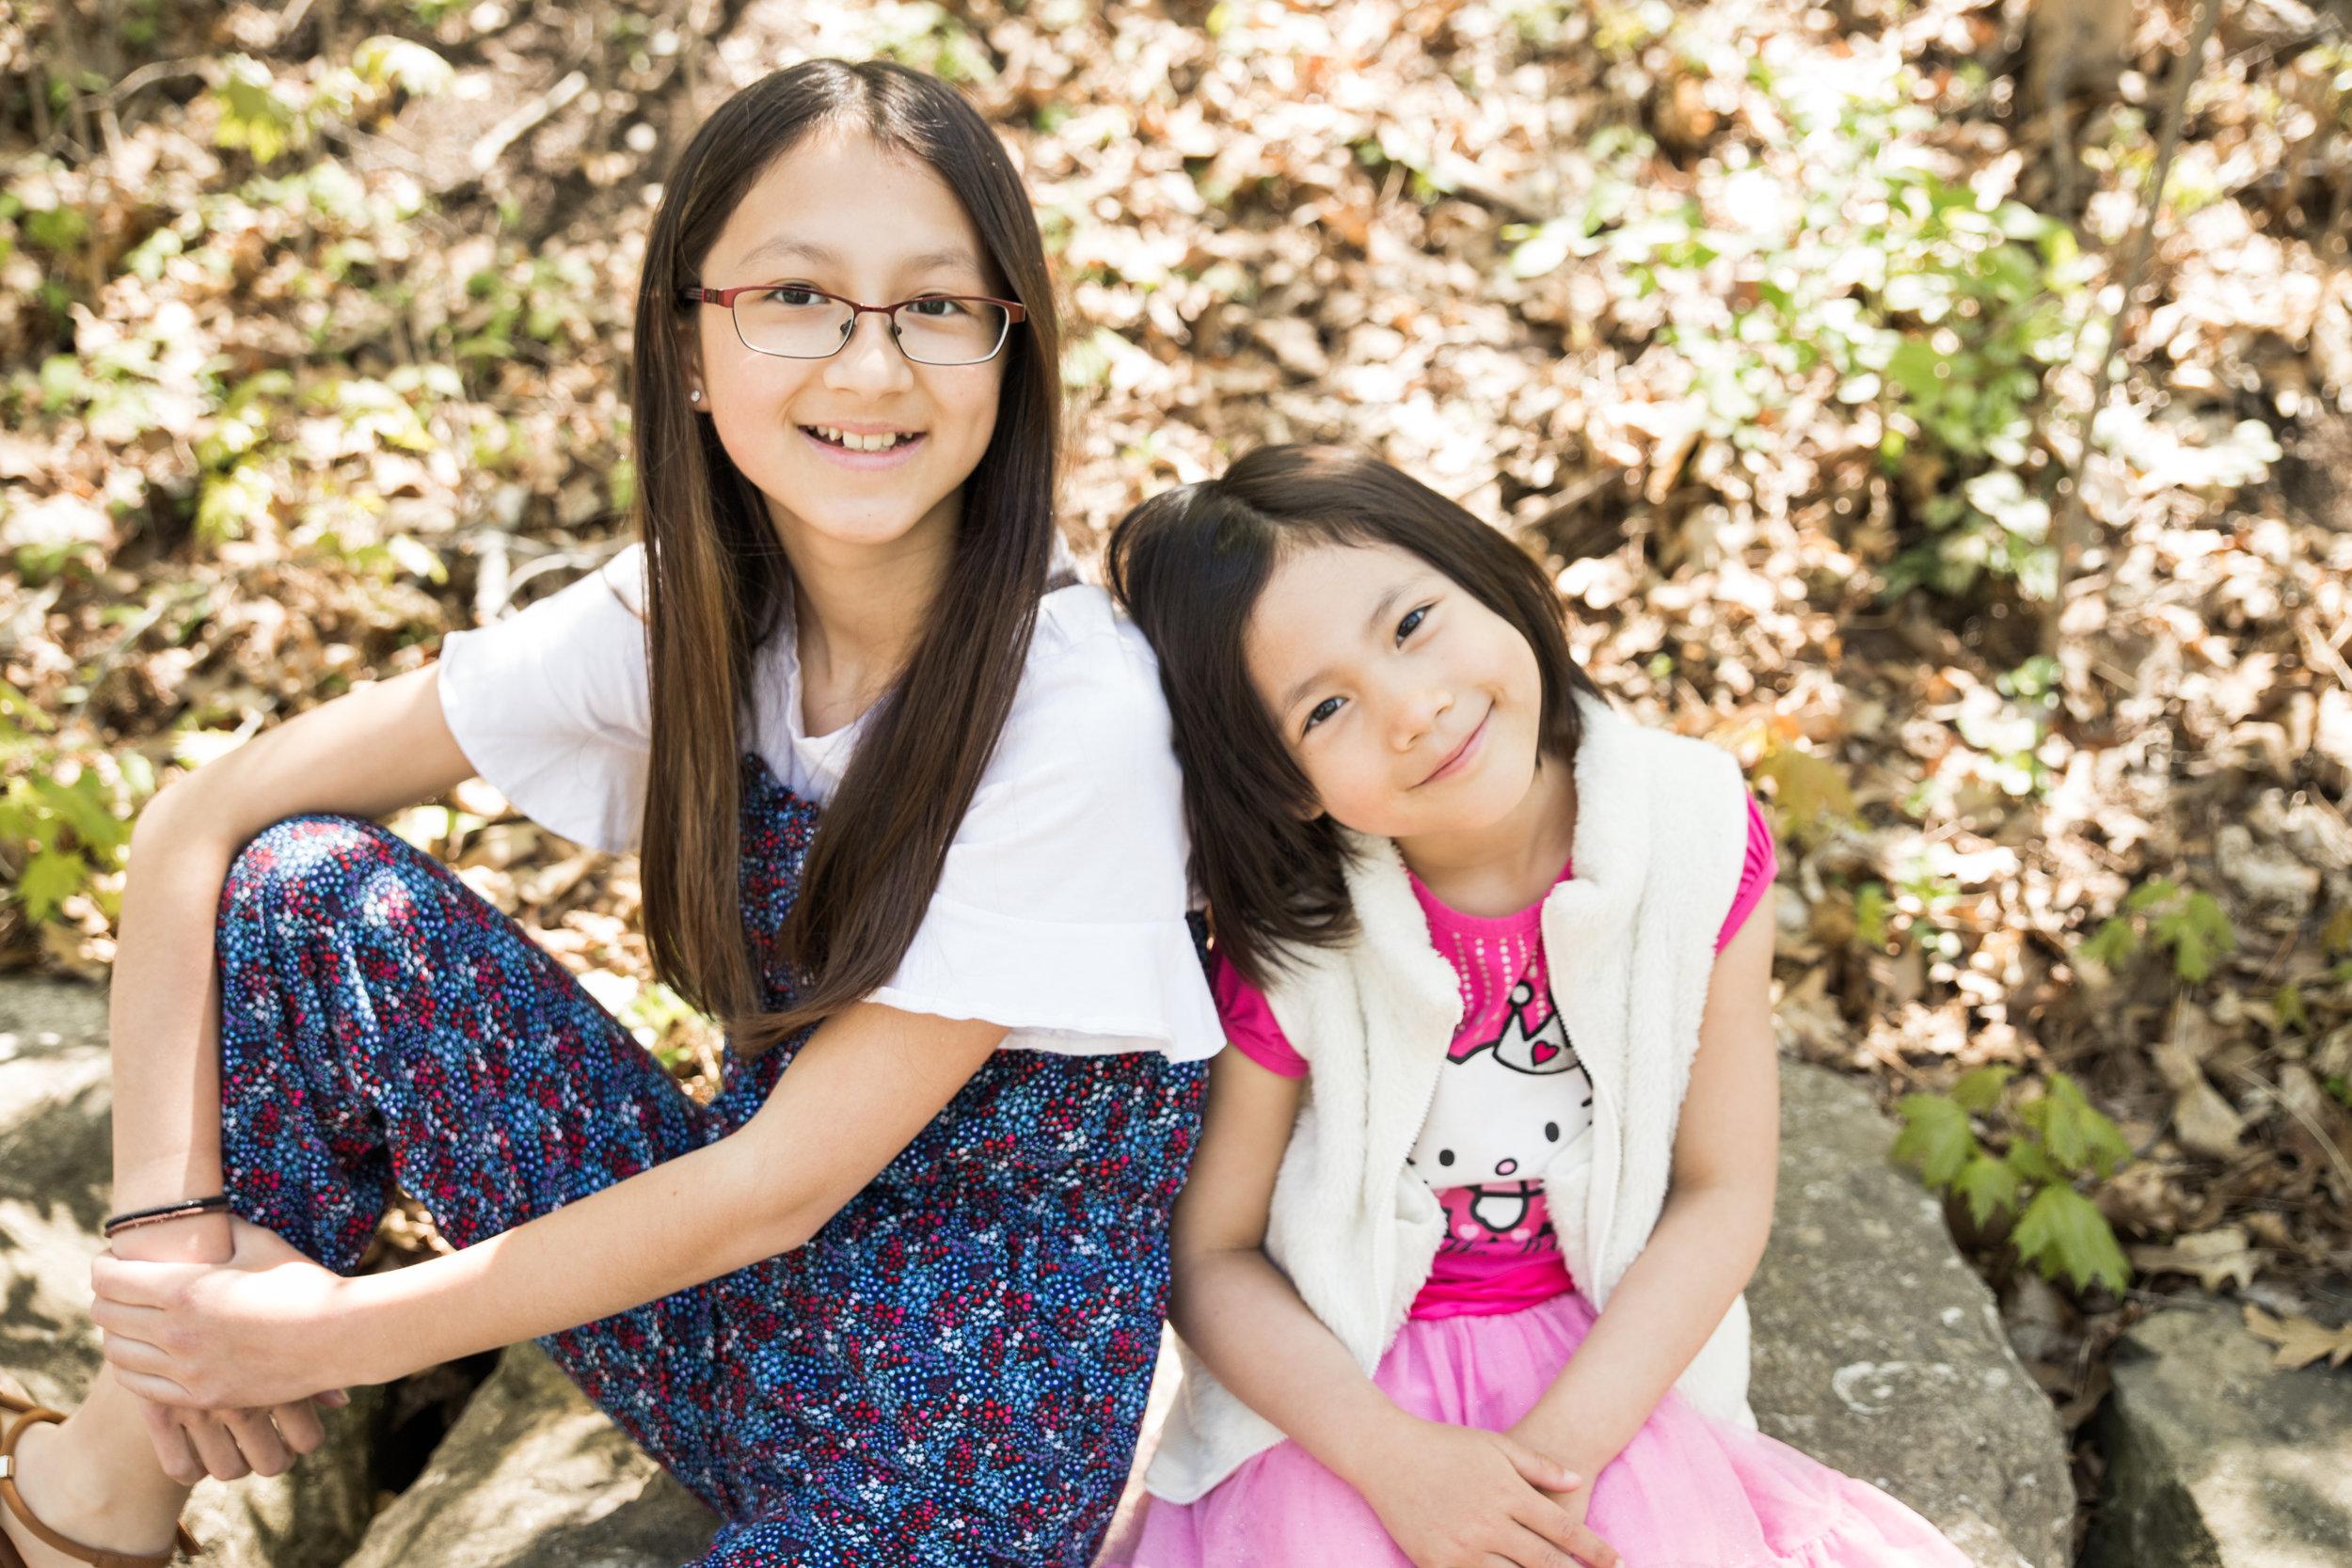 emilysotiphotography-chikakomorijones-familysession-23.jpg